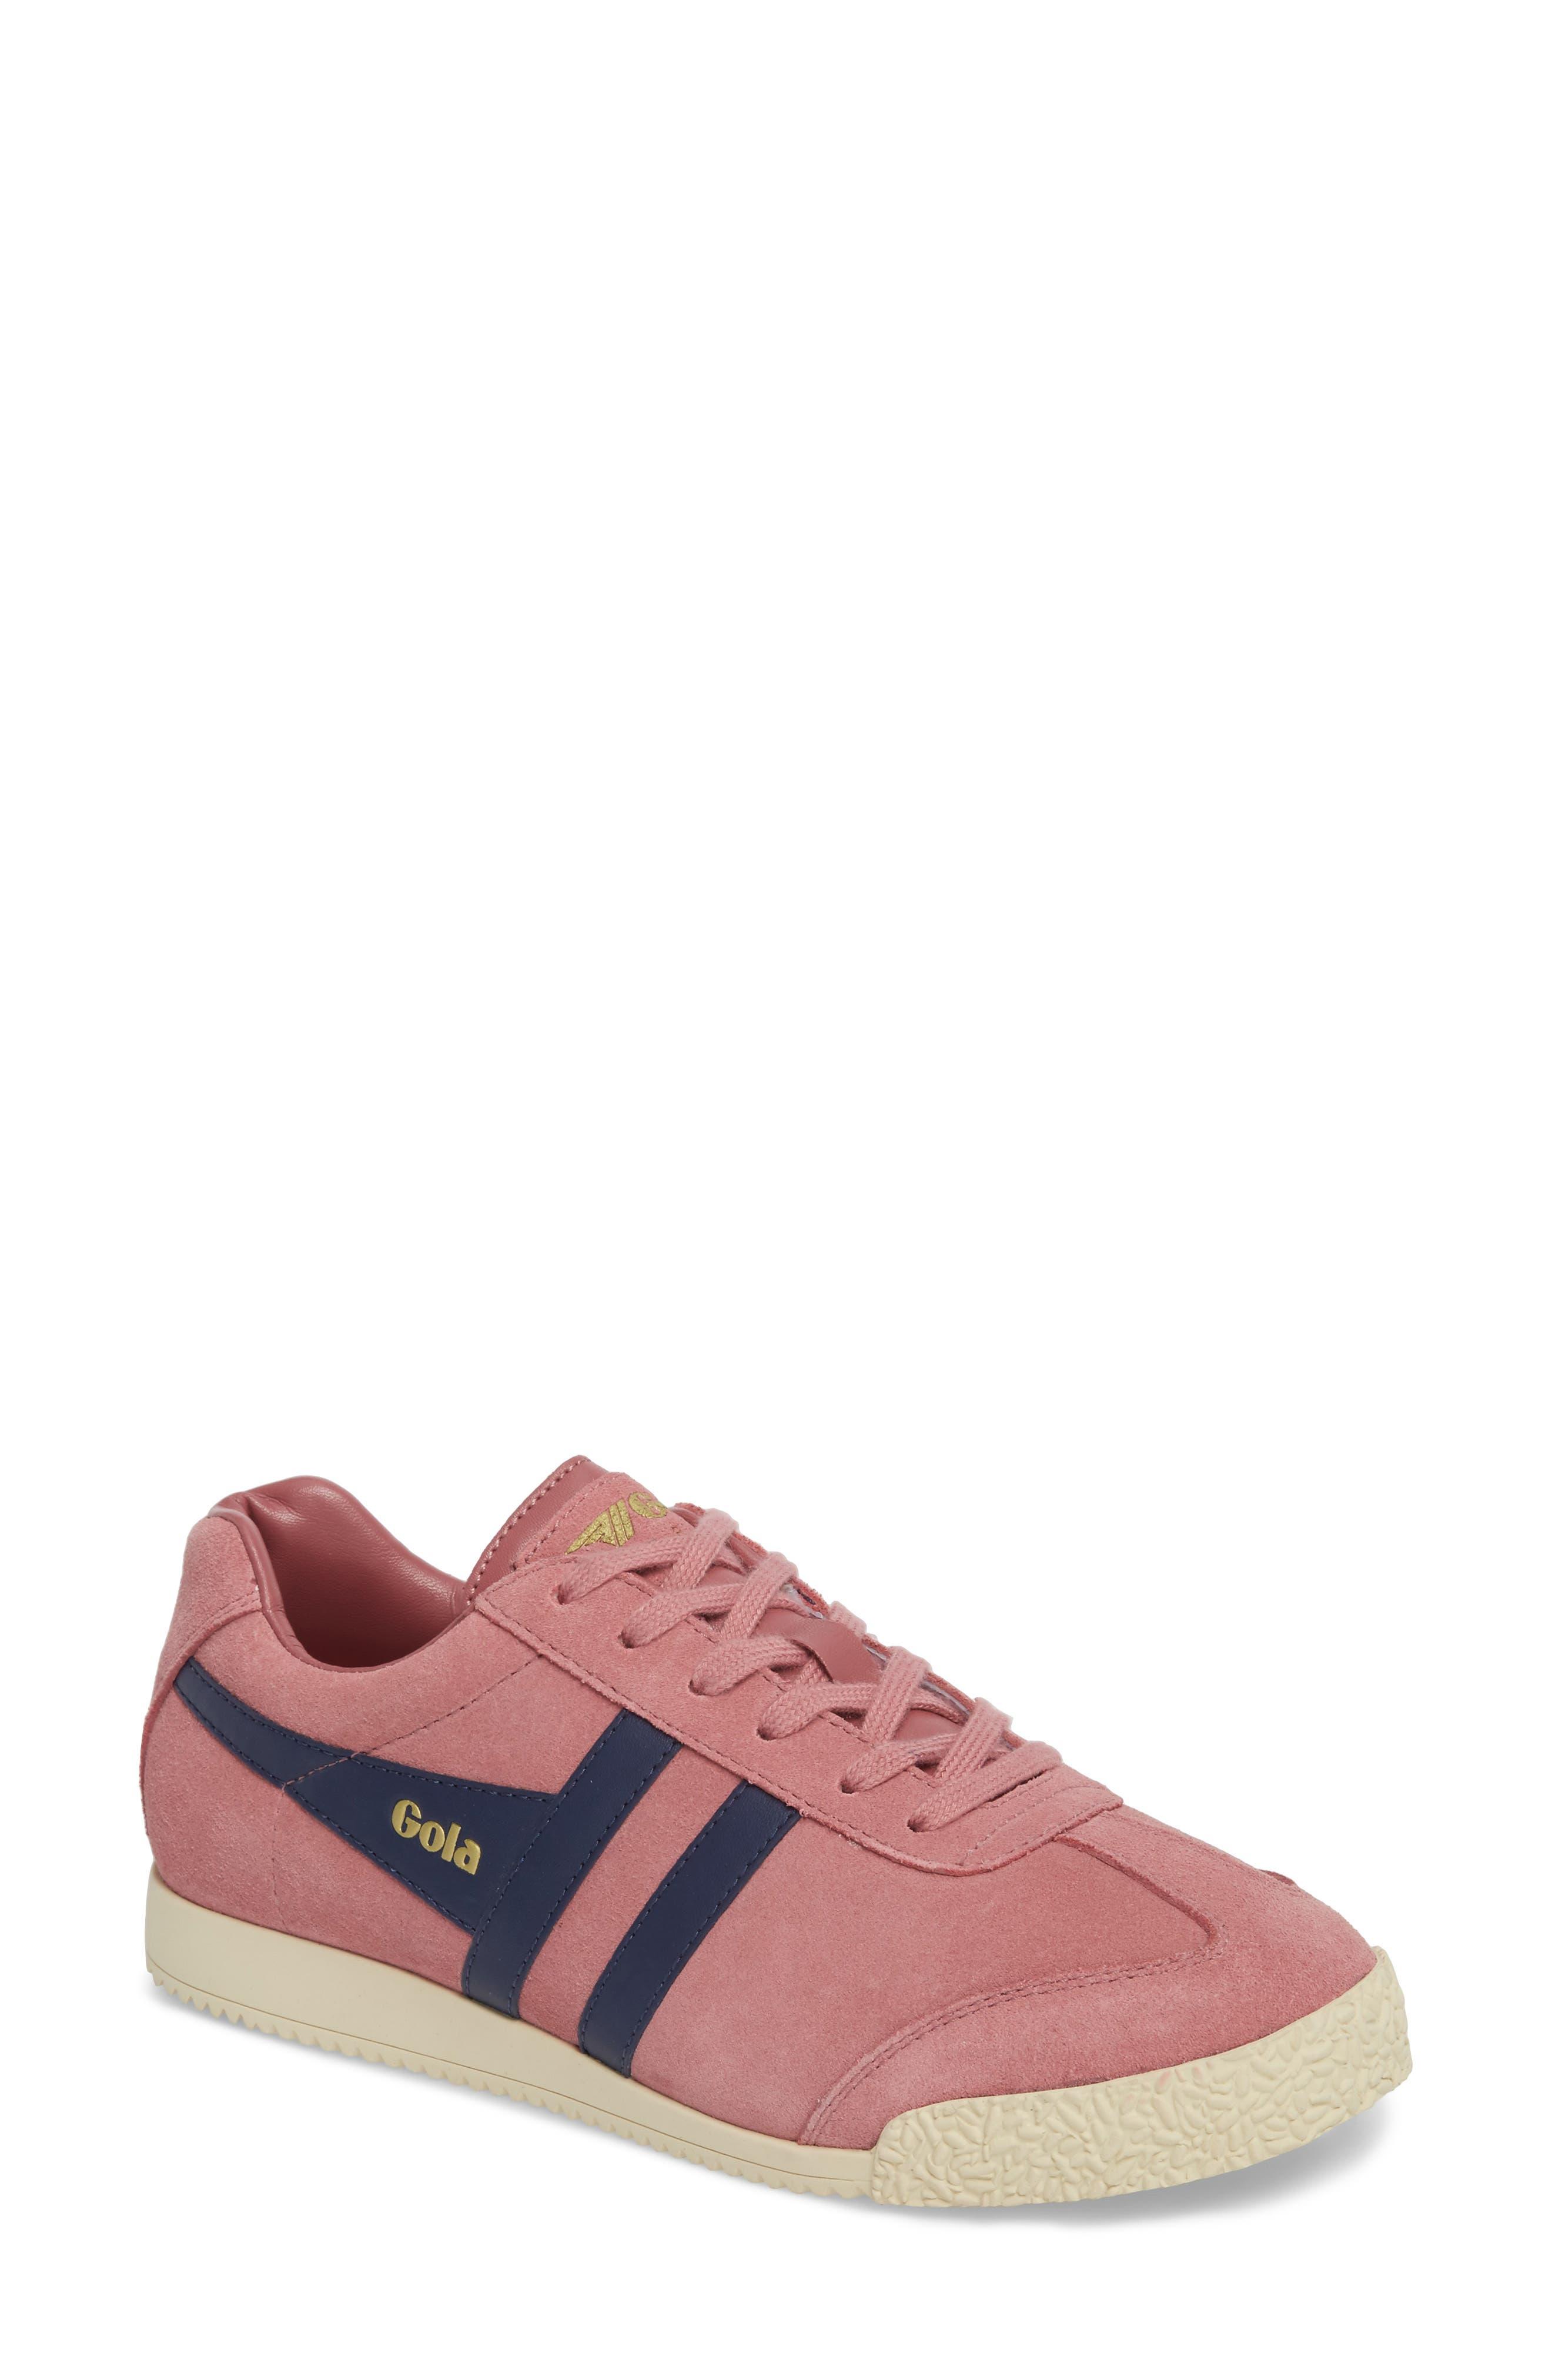 Gola Harrier Suede Low Top Sneaker (Women)